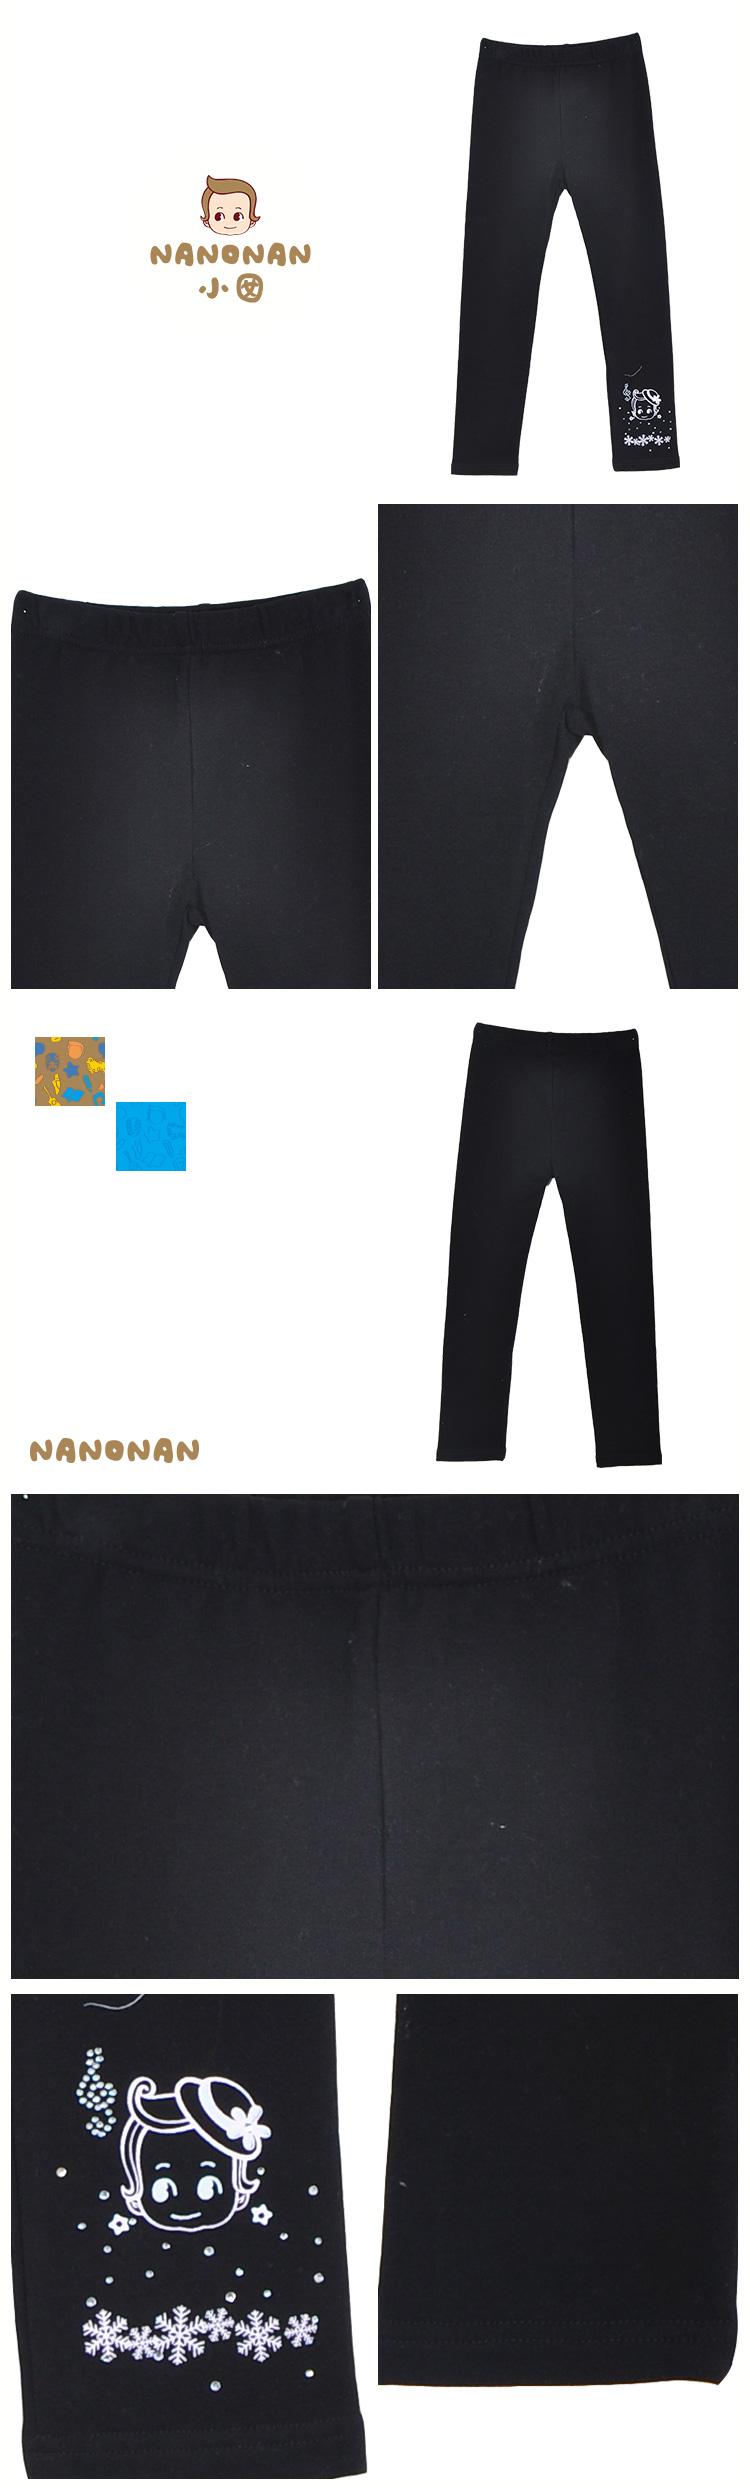 包装 包装设计 购物纸袋 设计 矢量 矢量图 素材 纸袋 750_2488 竖版